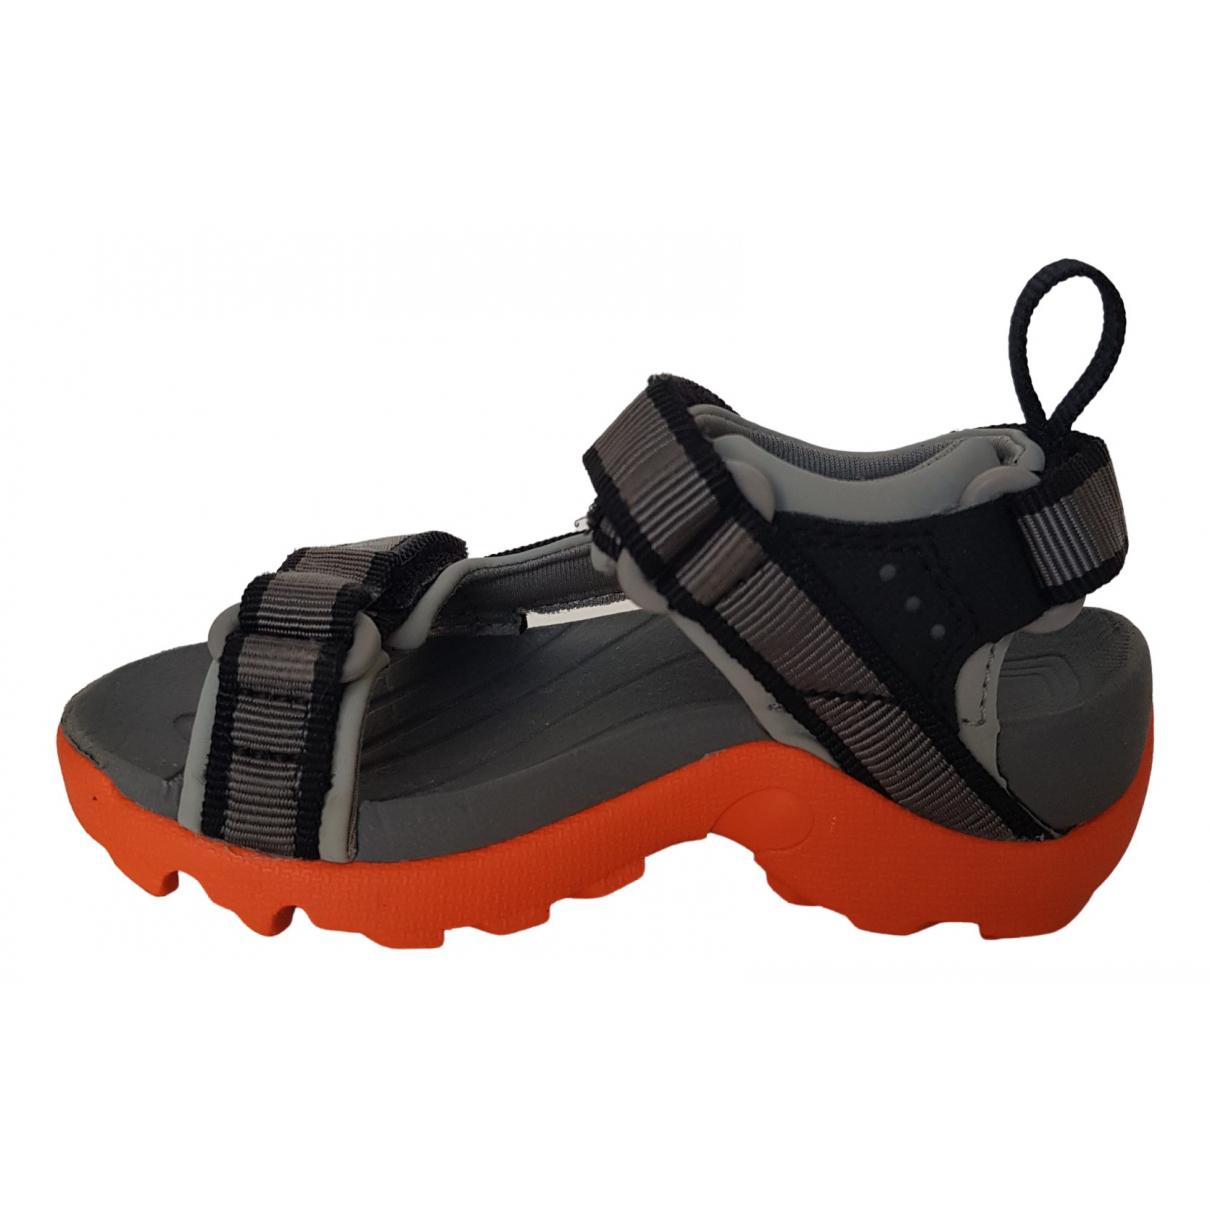 Teva - Sandales   pour enfant - gris